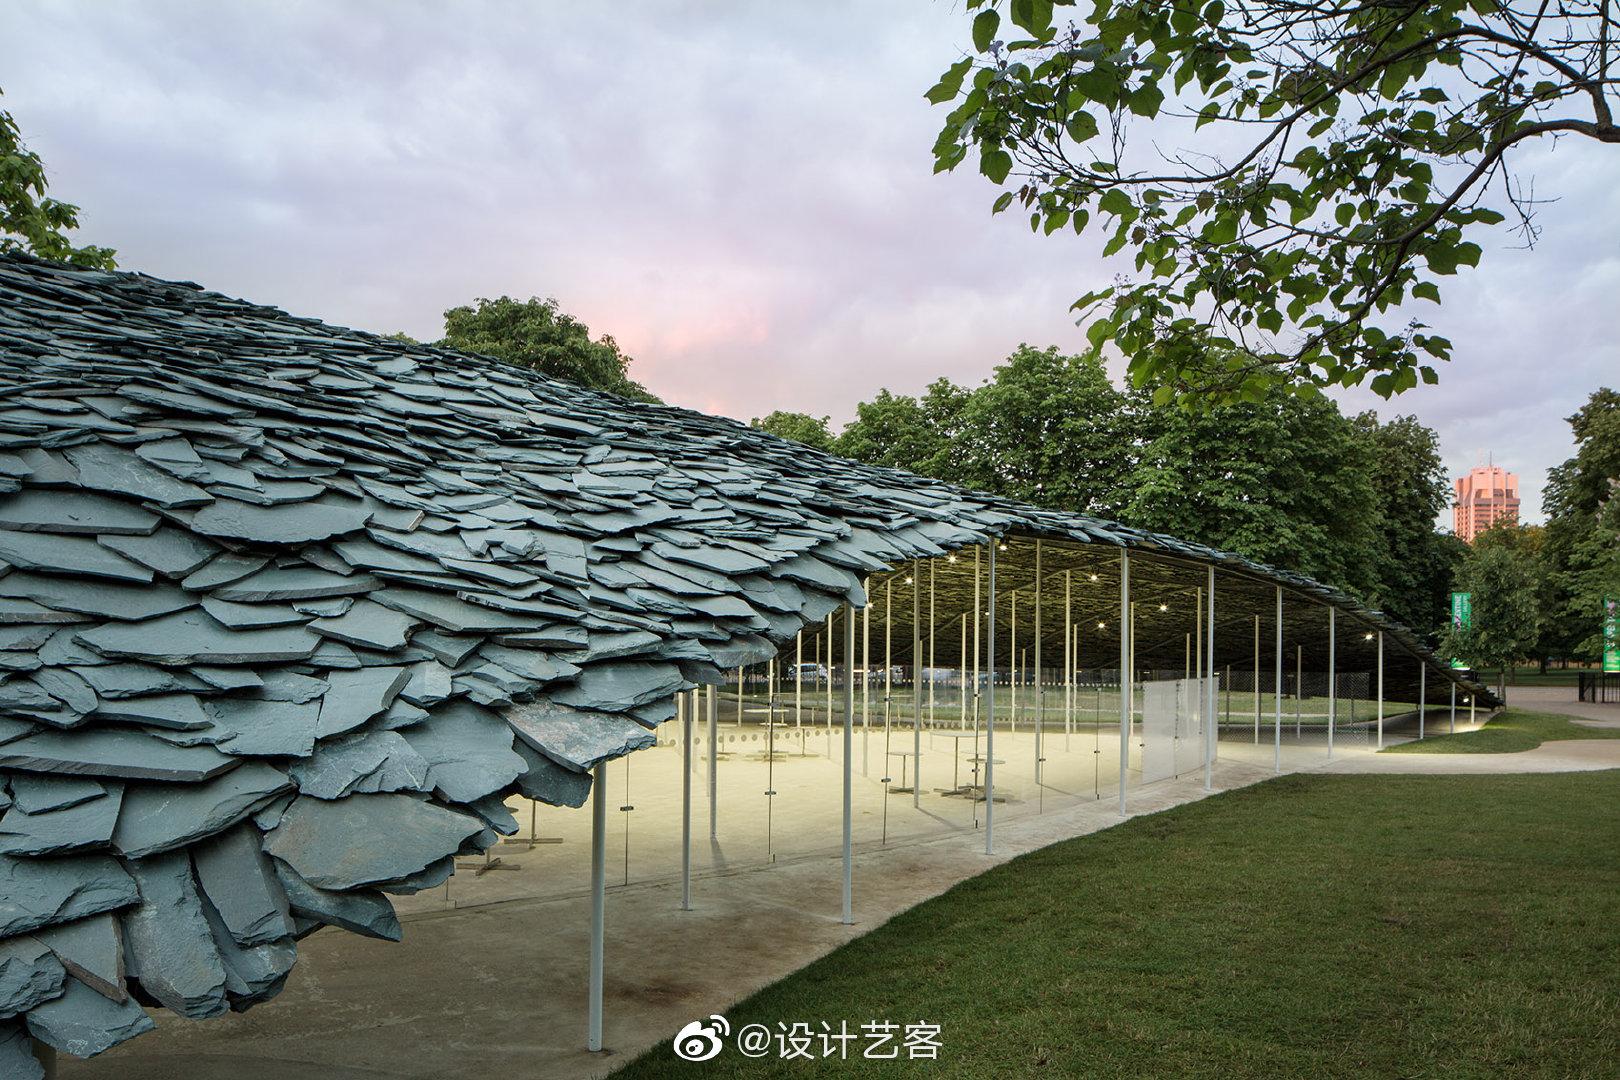 2019英国蛇形画廊建筑 | 石上纯也